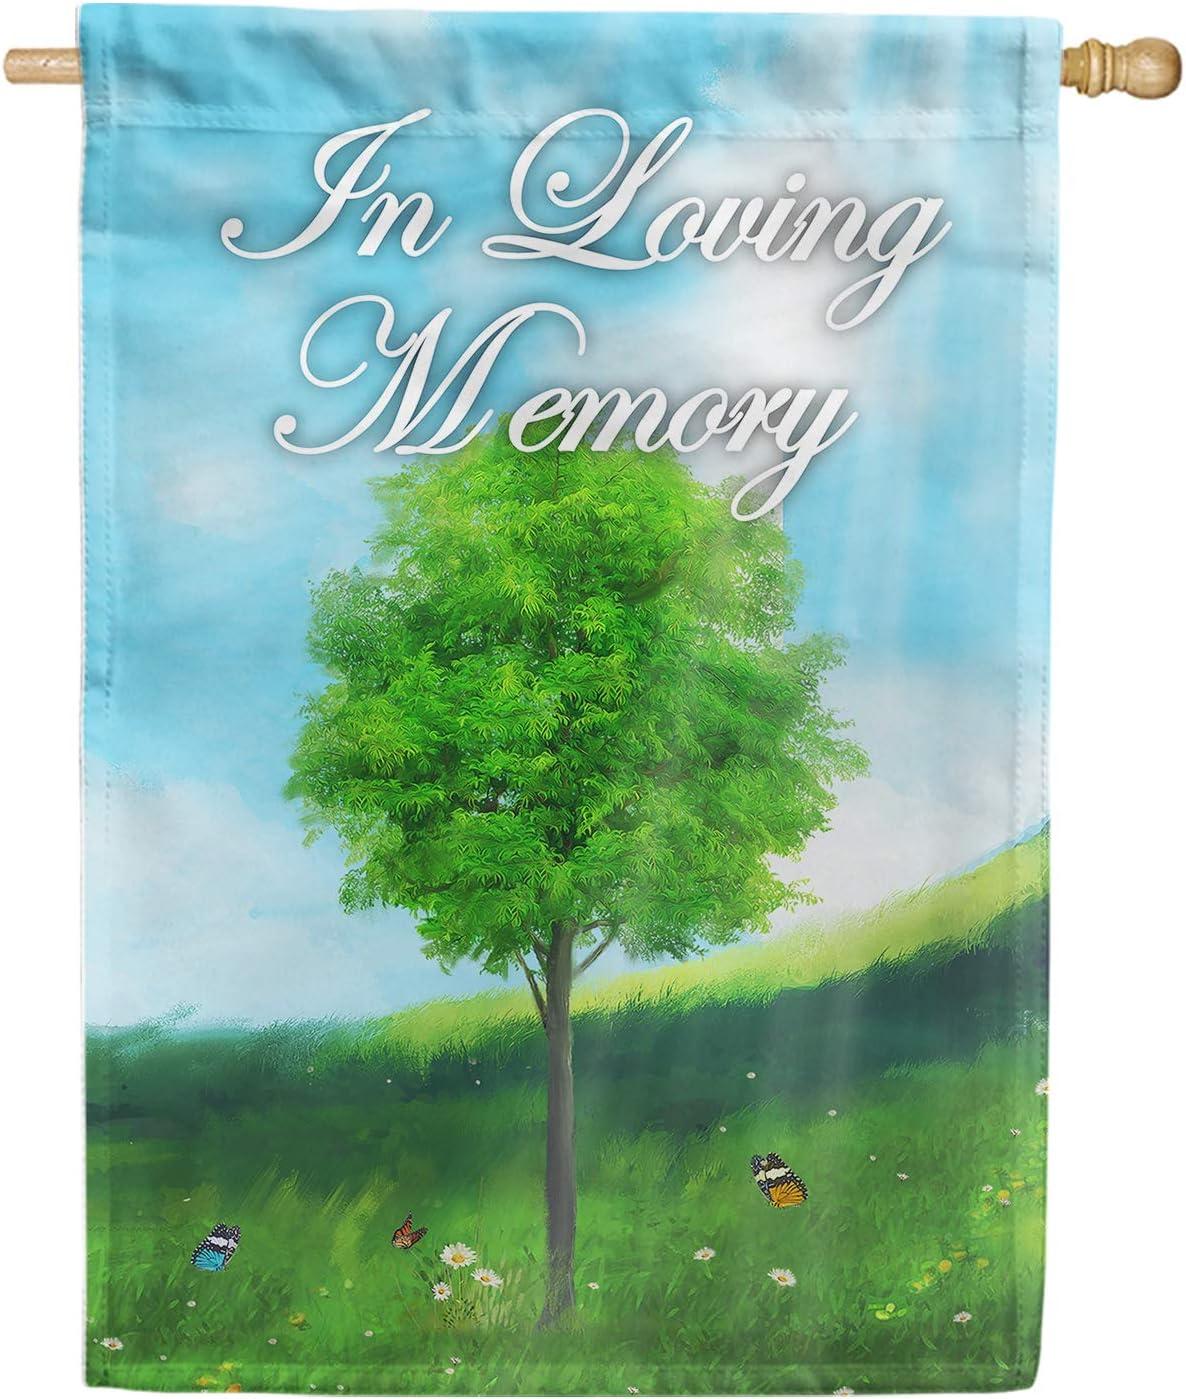 America Forever House Flag - in Loving Memory (Tree), Cemetery Memorial Religious Bereavement Double Sided 28